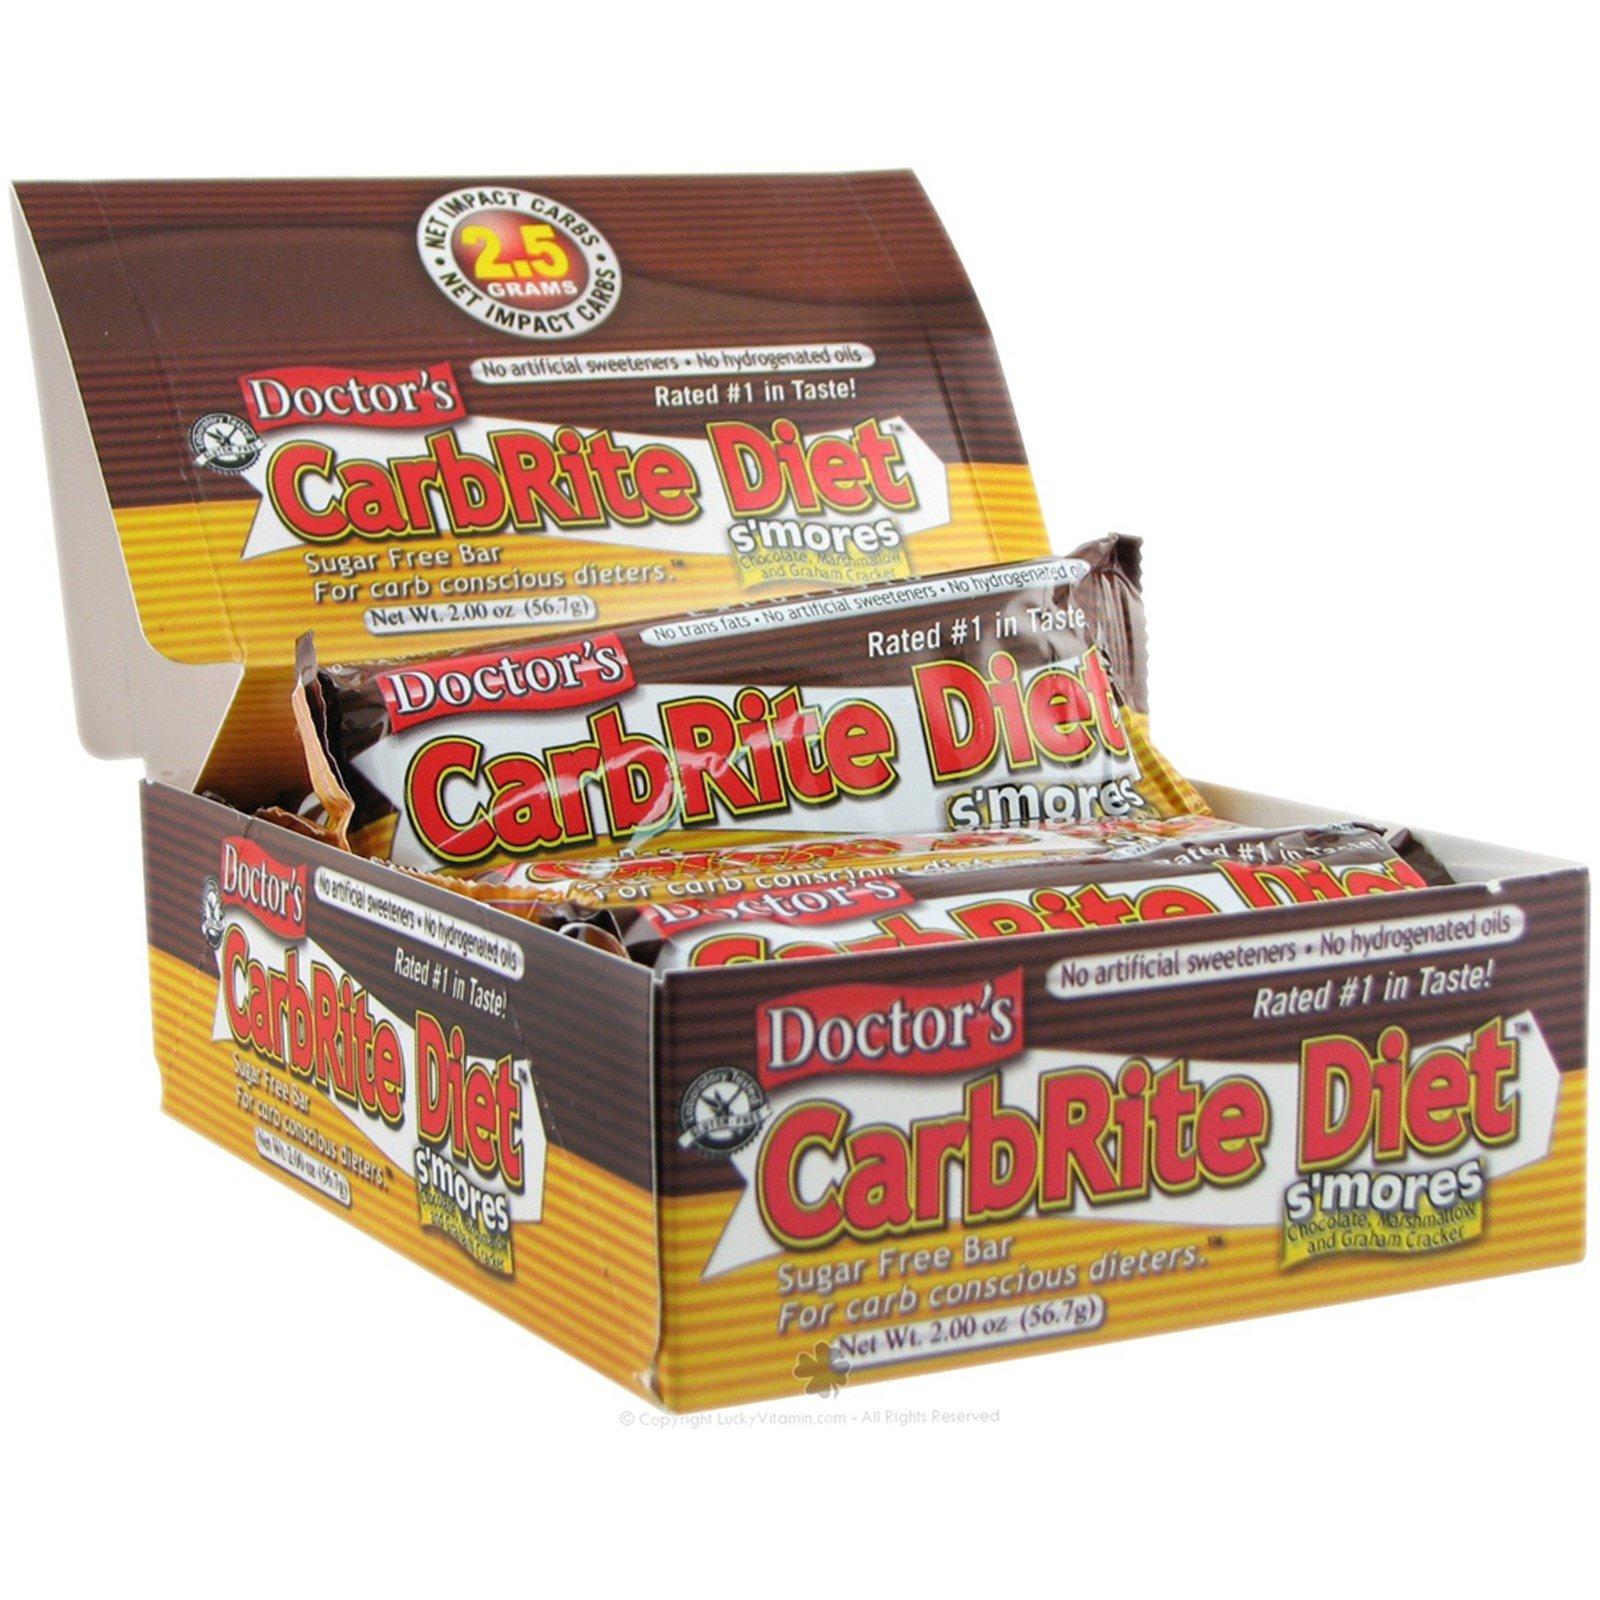 Universal Nutrition, Диетические батончики без сахара Doctor's CarbRite, Смор, 12 батончиков, 2 унции (56,7 г) каждый